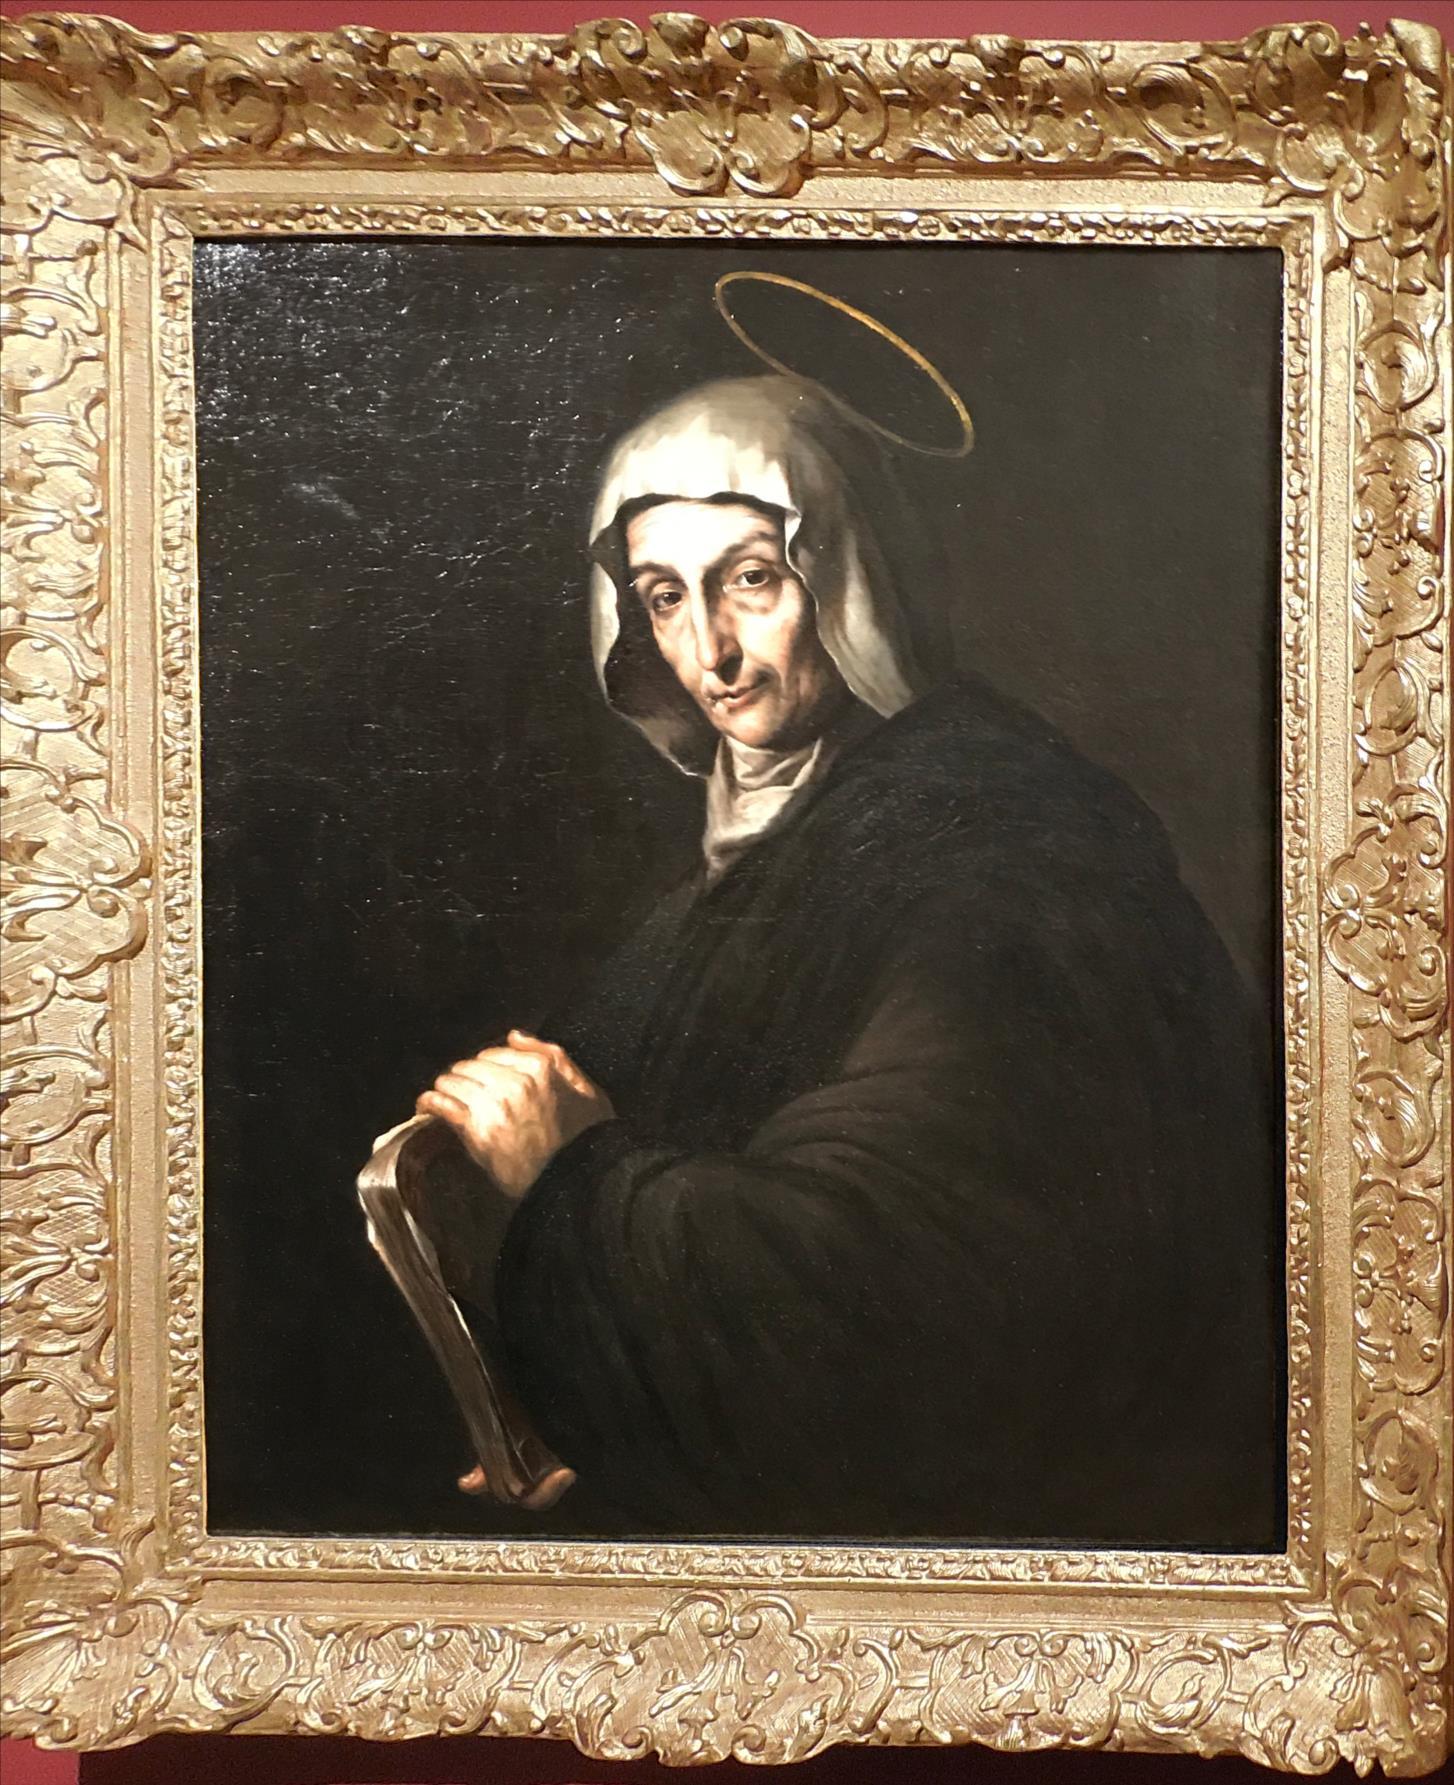 Sainte religieuse âgée, anonyme, Naples, vers 1650 / Musée Boucher de Perthes